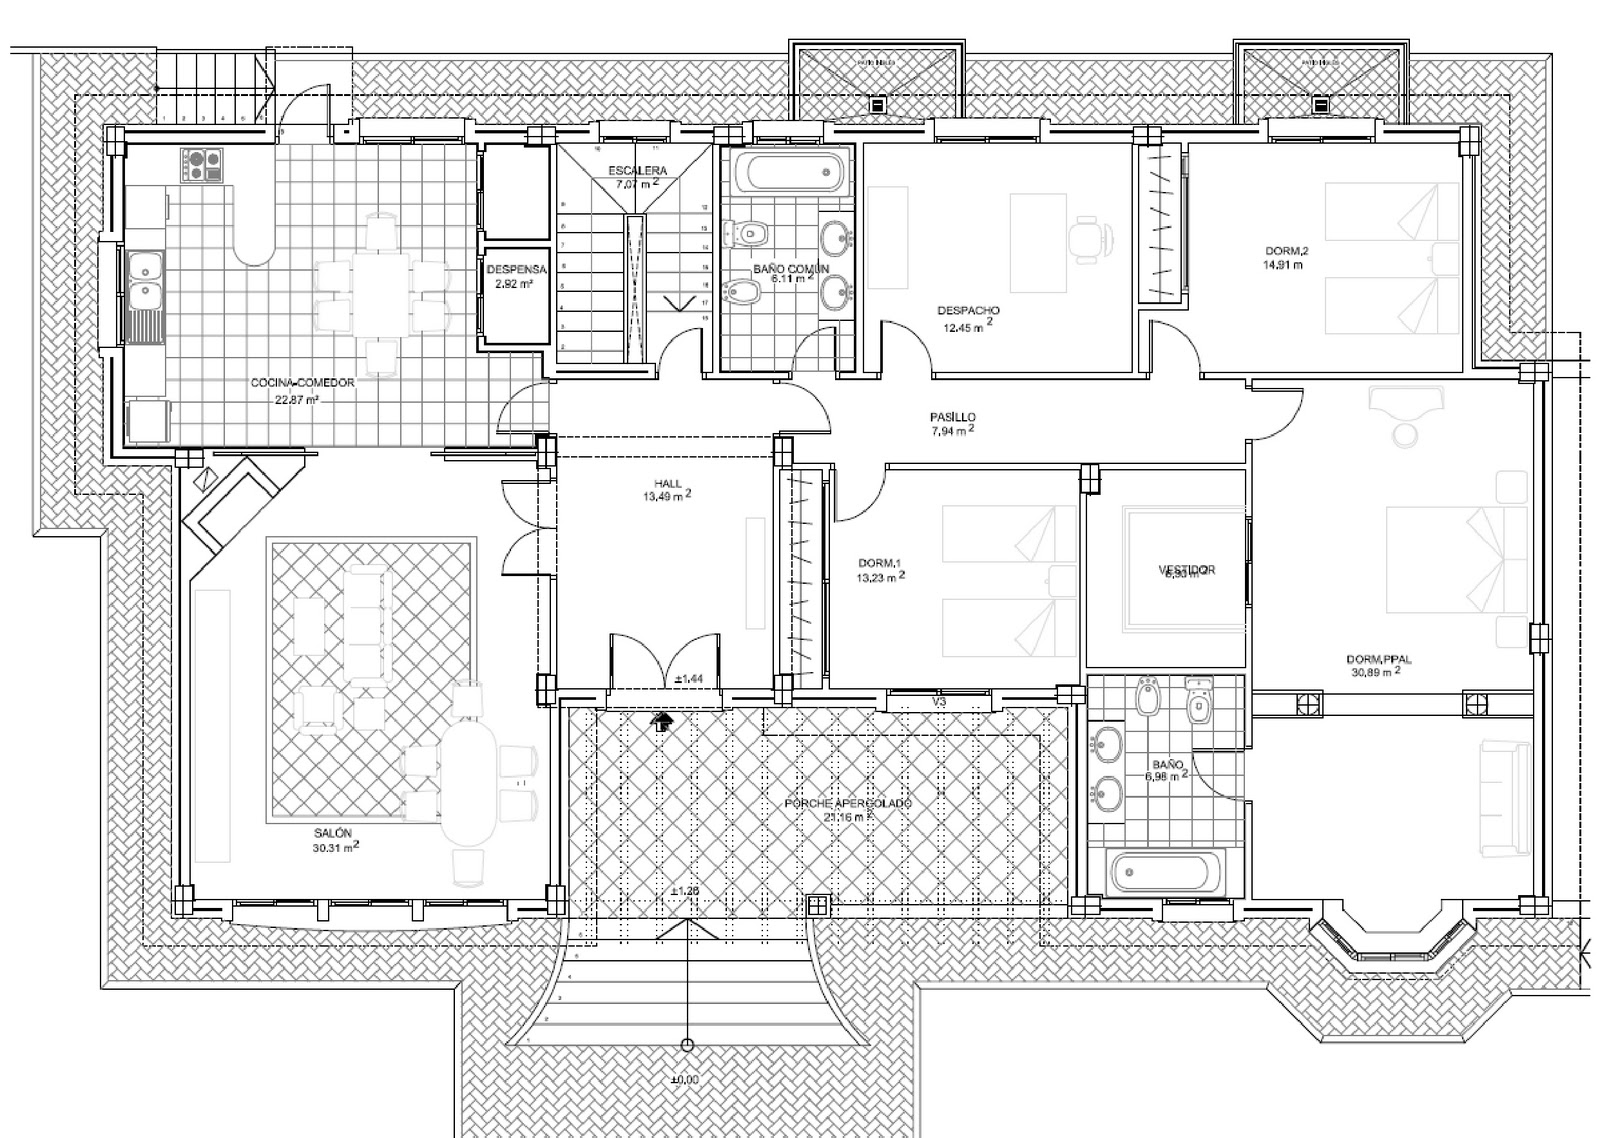 Arquisurlauro vivienda vivienda unifamiliar aislada con piscina sotano garage y trastero en - Planos de viviendas unifamiliares ...